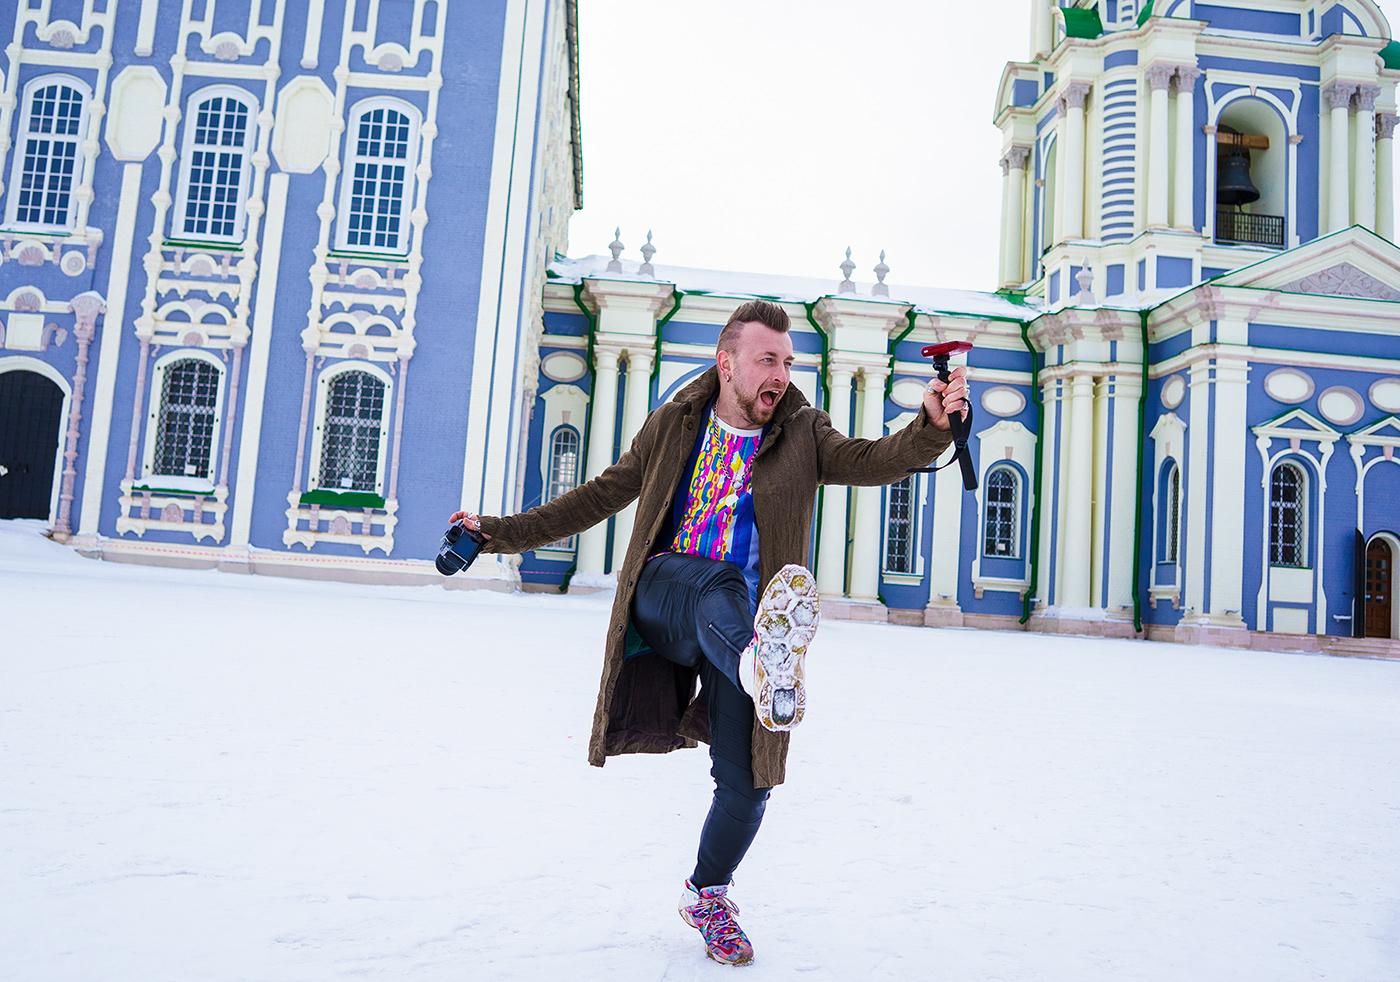 Фотограф Пётр Ловыгин: В Туле я вылепил Ждуна и детородный орган (видео)